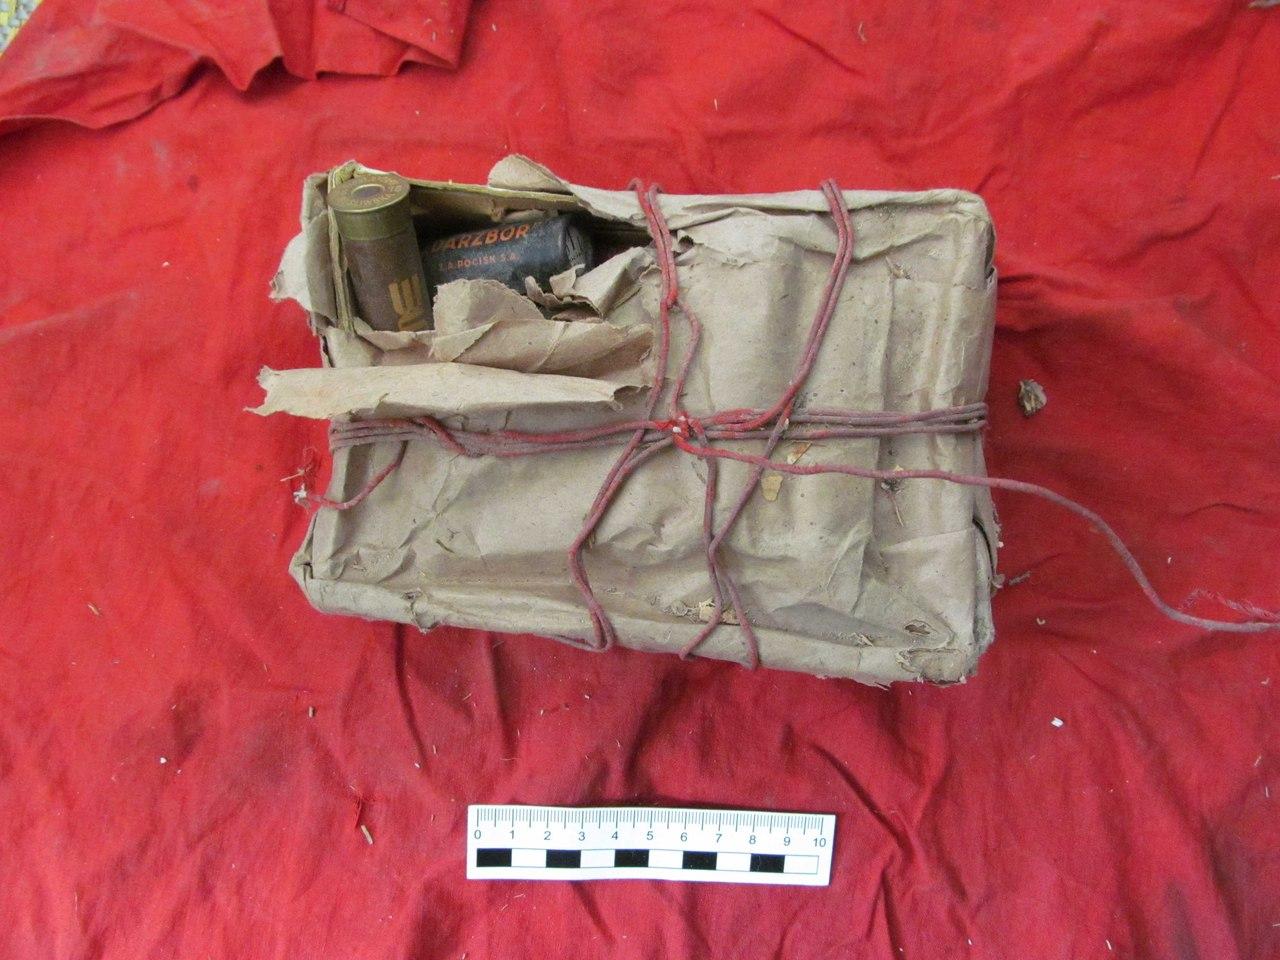 На гарышчы дома ў цэнтры Гродна знайшлі зброю загорнутую ў сцяг са свастыкай